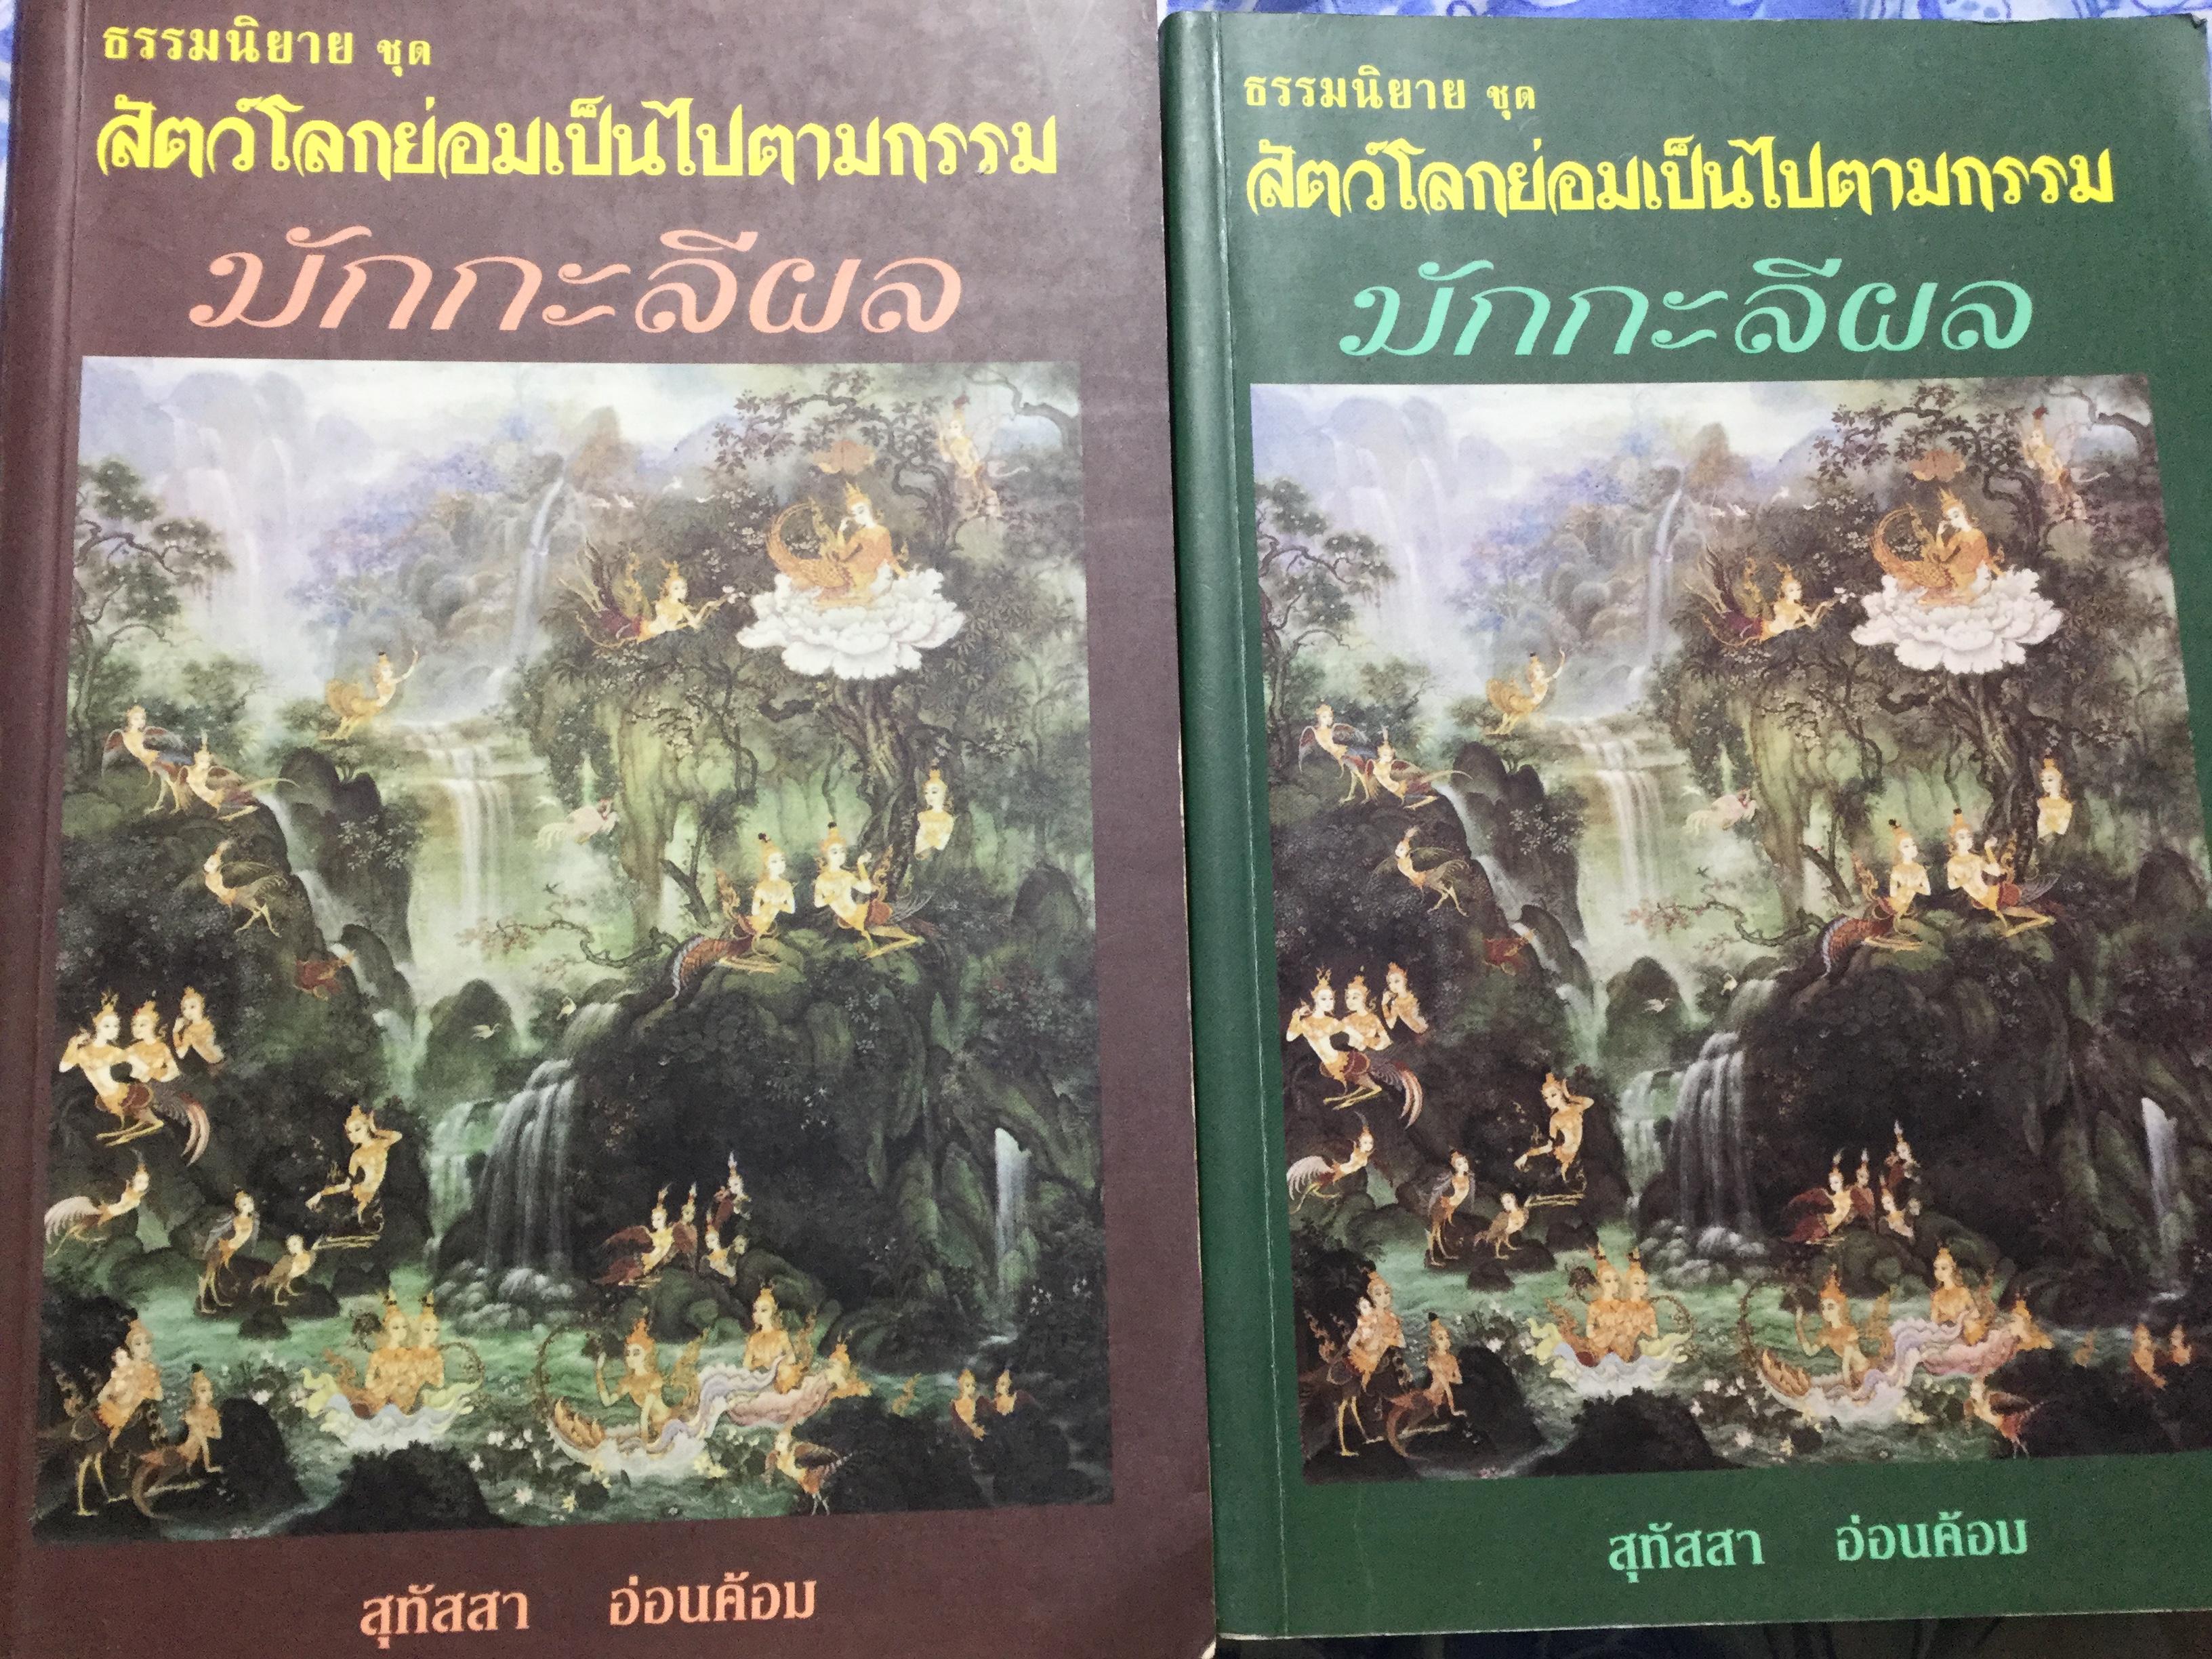 มักกะลีผล. ธรรมนิยาย ชุด สัตว์โลกย่อมเป็นไปตามกรรม ผู้เขียน สุทัสสา อ่อนค้อม